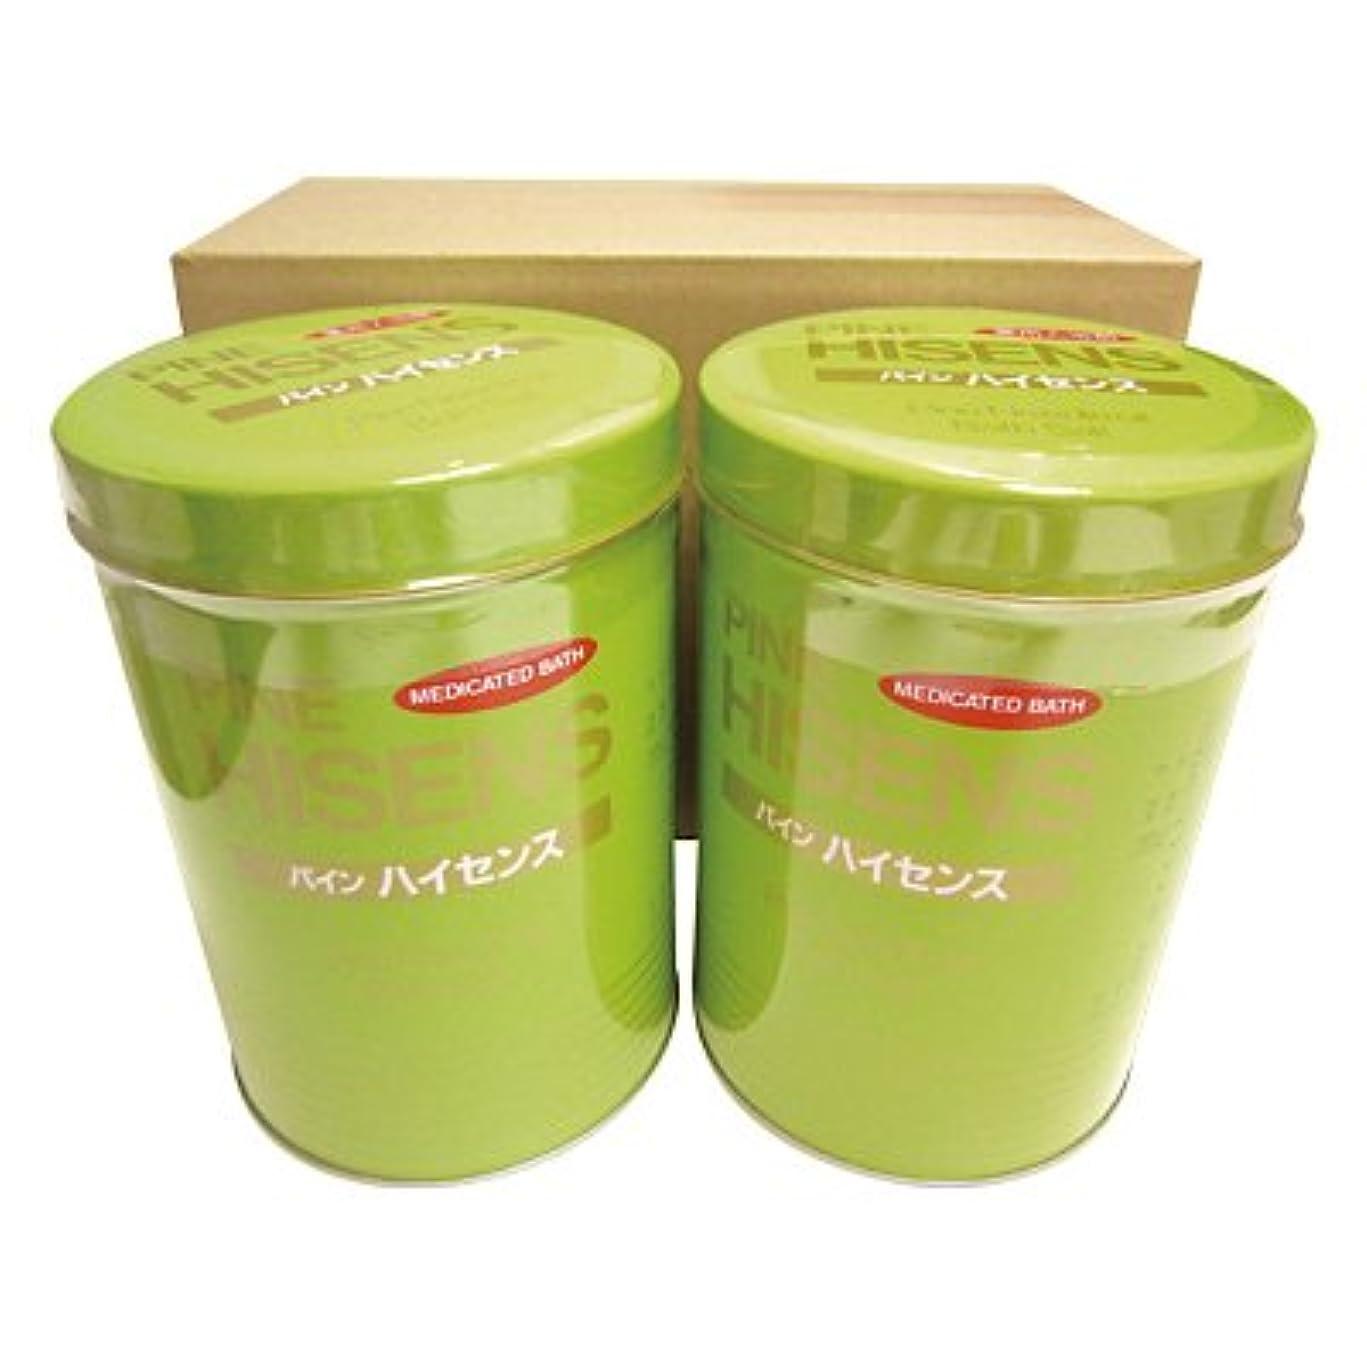 略す組み合わせる聞く高陽社 薬用入浴剤 パインハイセンス 2.1kg 2缶セット